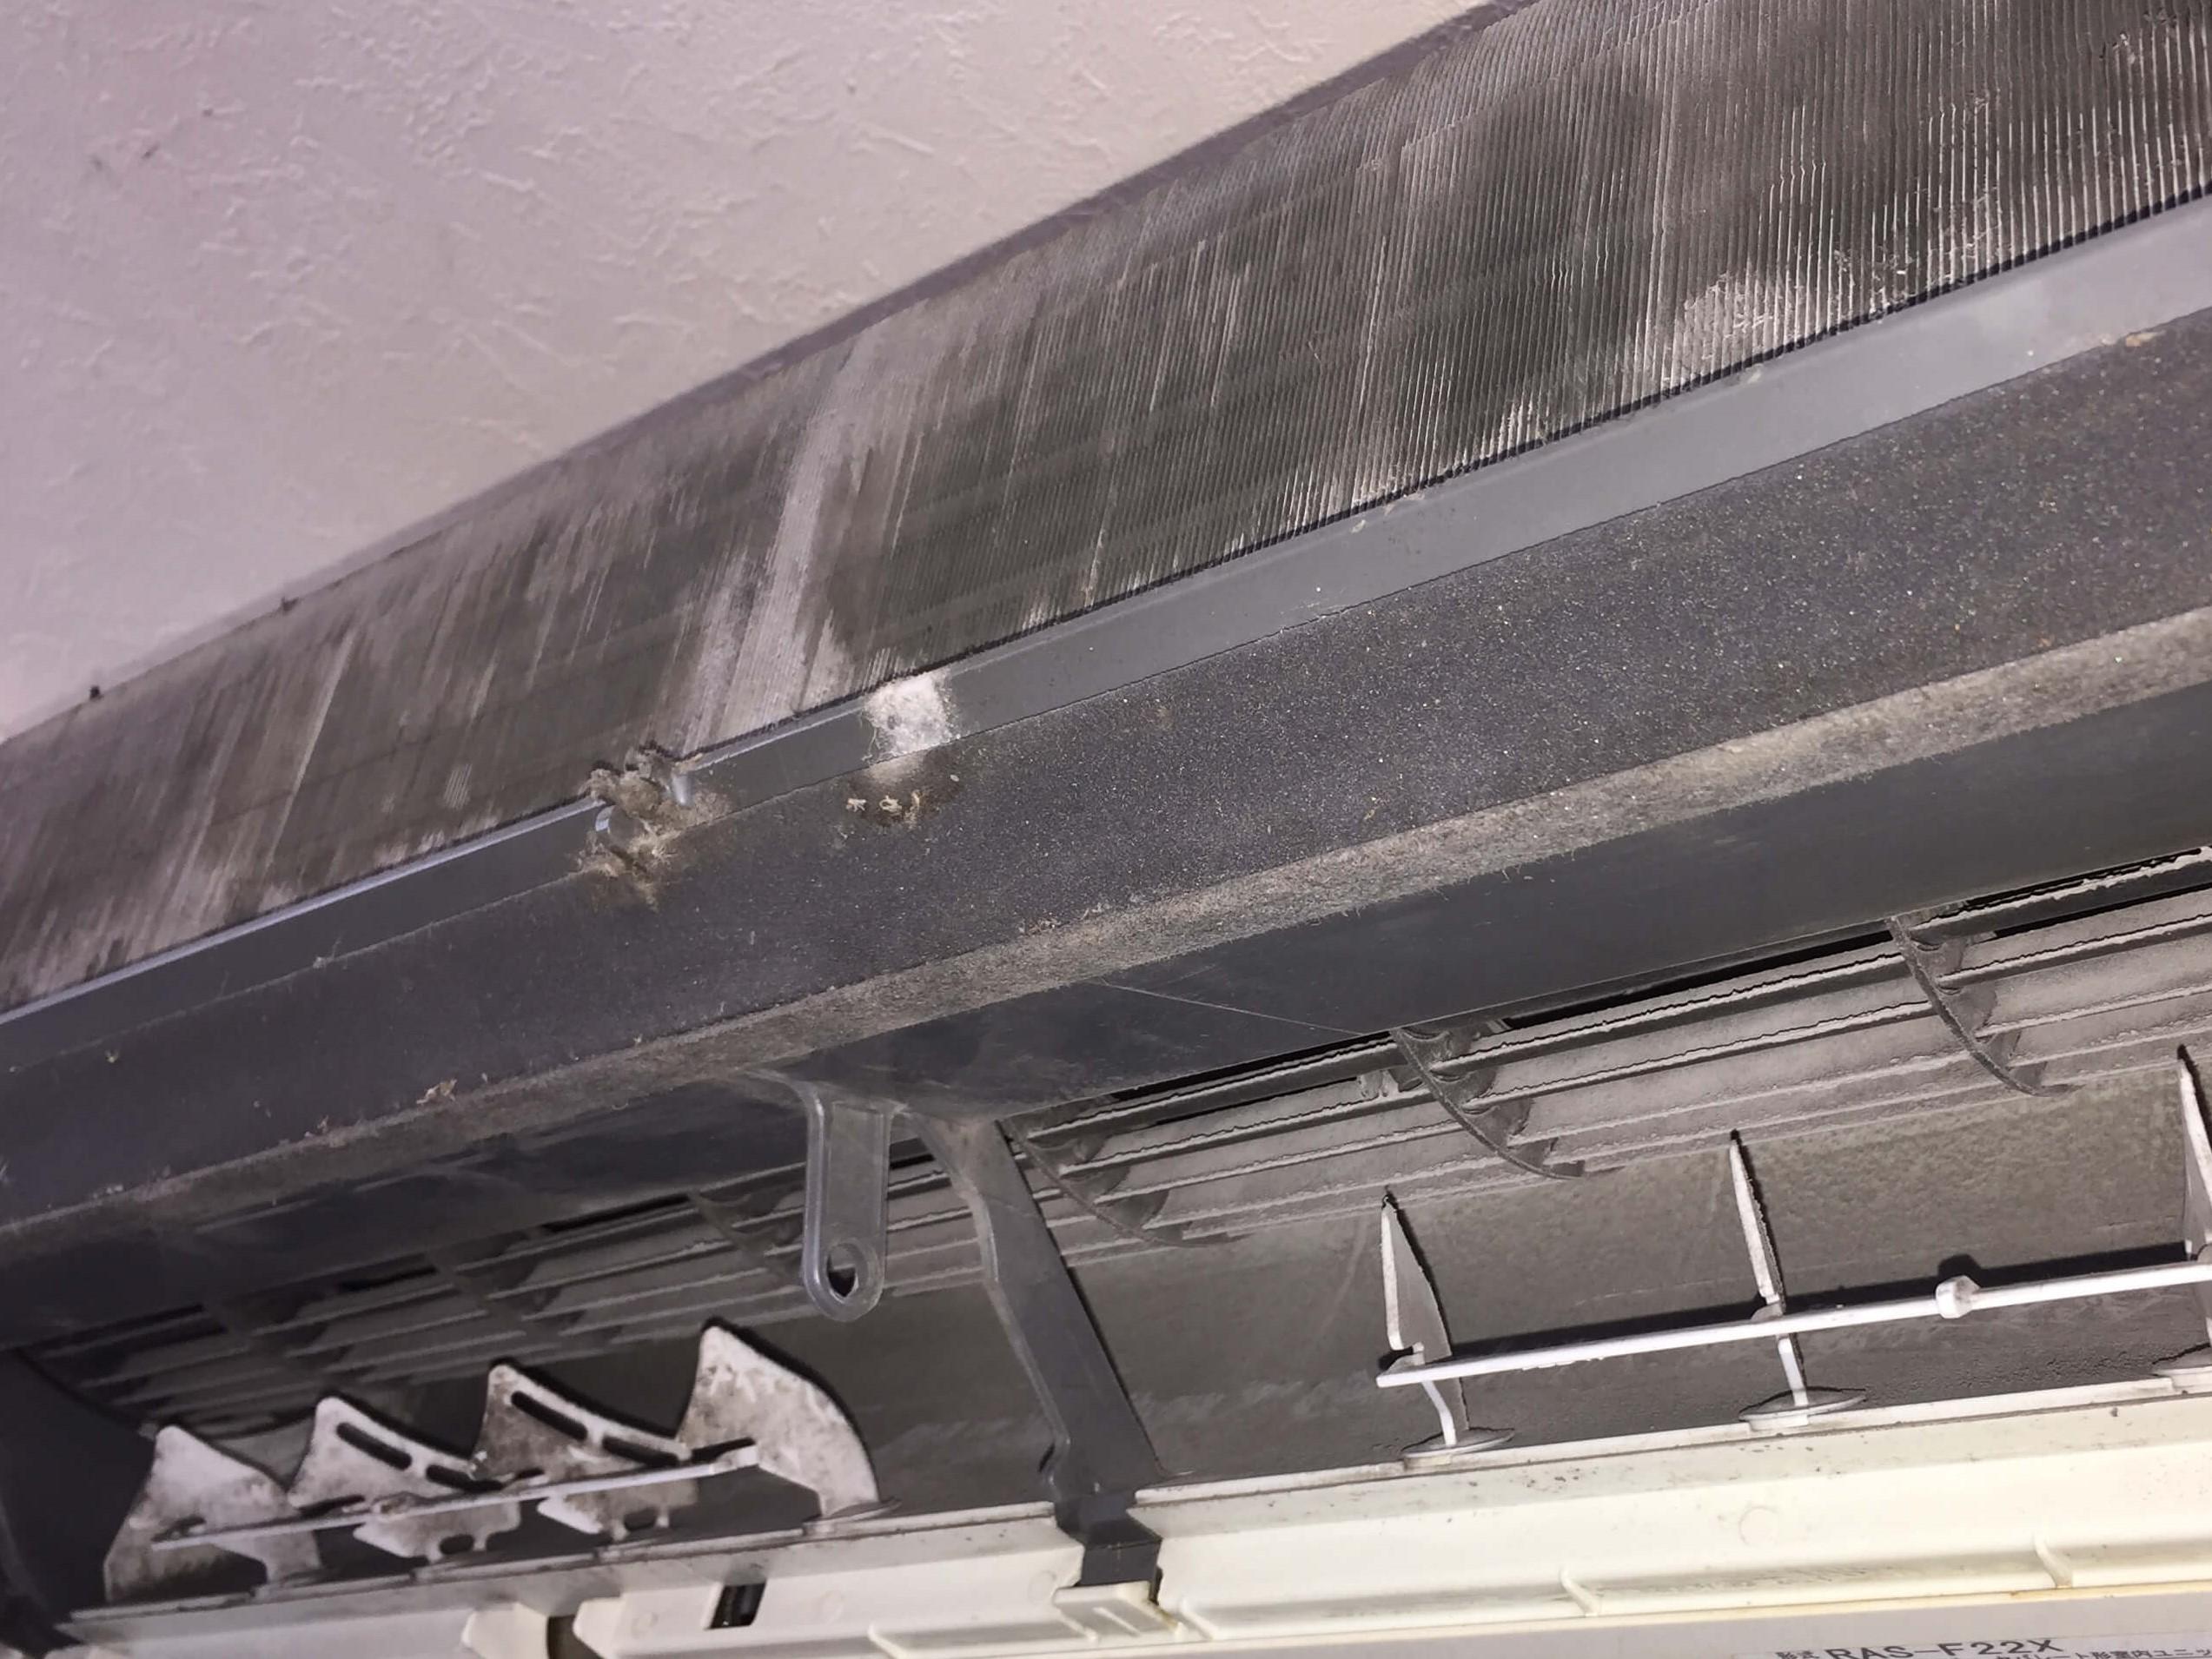 伊丹市 エアコンの掃除(ハウスクリーニング)綺麗に除去・高圧洗浄機で一気に汚れを落とします!ハウスクリーニングはおそうじプラス エアコン・床そうじ・窓まわり・お風呂・トイレ・キッチン・外構・玄関まわりどんなことでもお気軽にご相談下さい!伊丹市・宝塚市・川西市の地域応援!